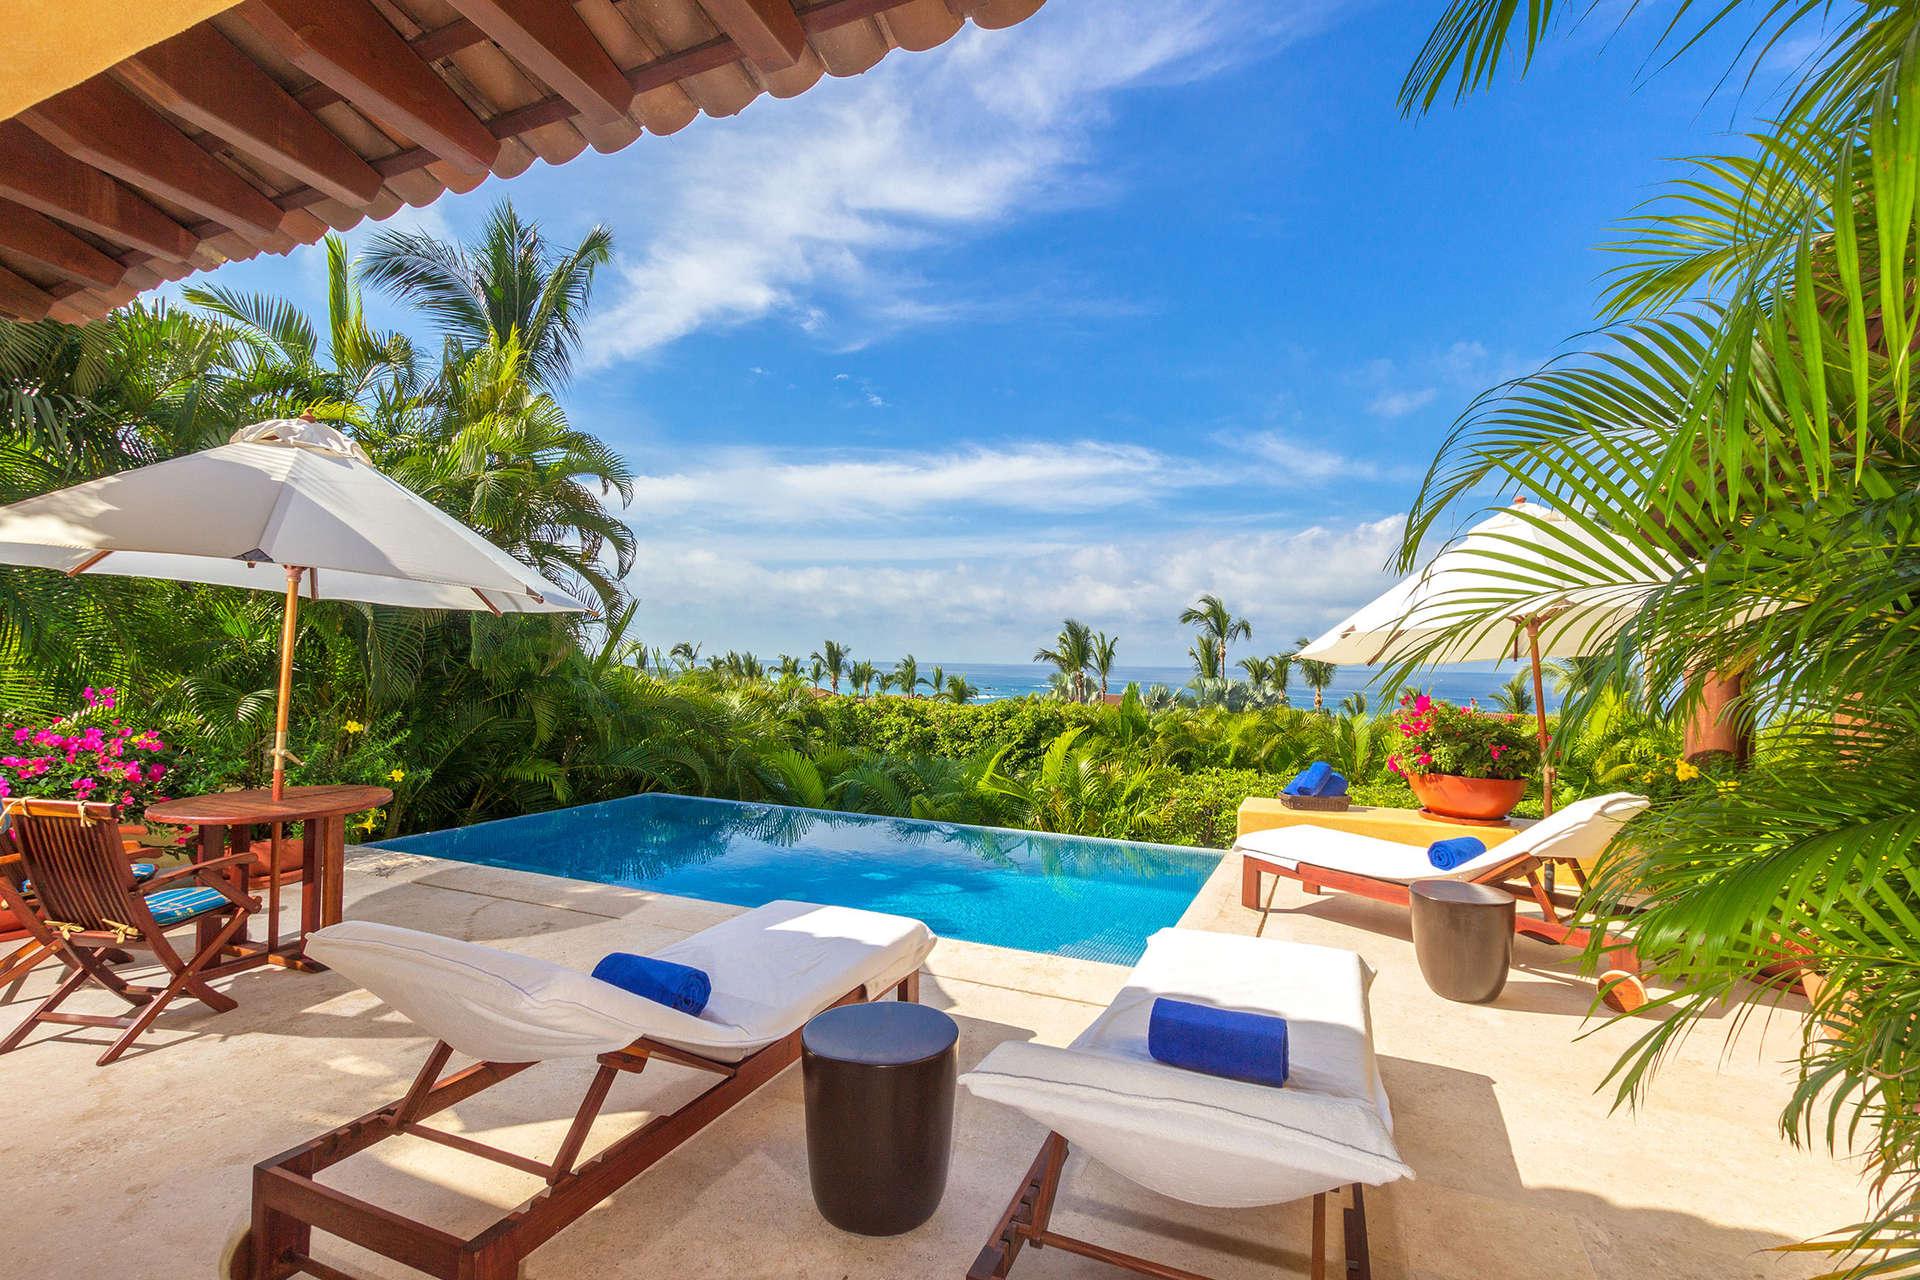 Luxury vacation rentals mexico - Punta mita - Four seasons punta mita - Villa Austral - Image 1/20